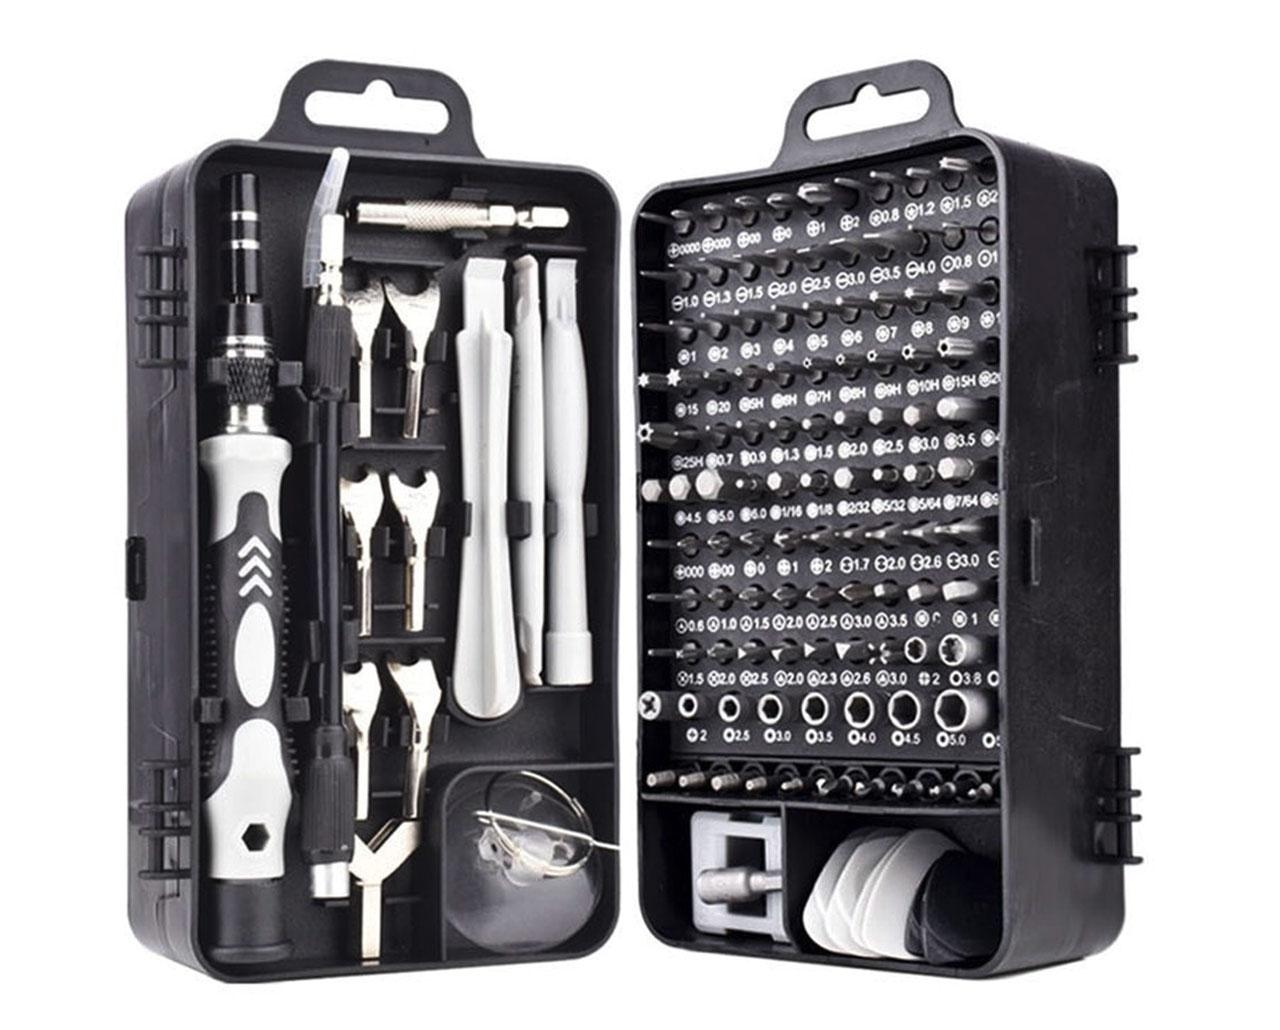 Cette trousse à outils devrait intéresser celles et ceux qui ont l'habitude de démonter des smartphones